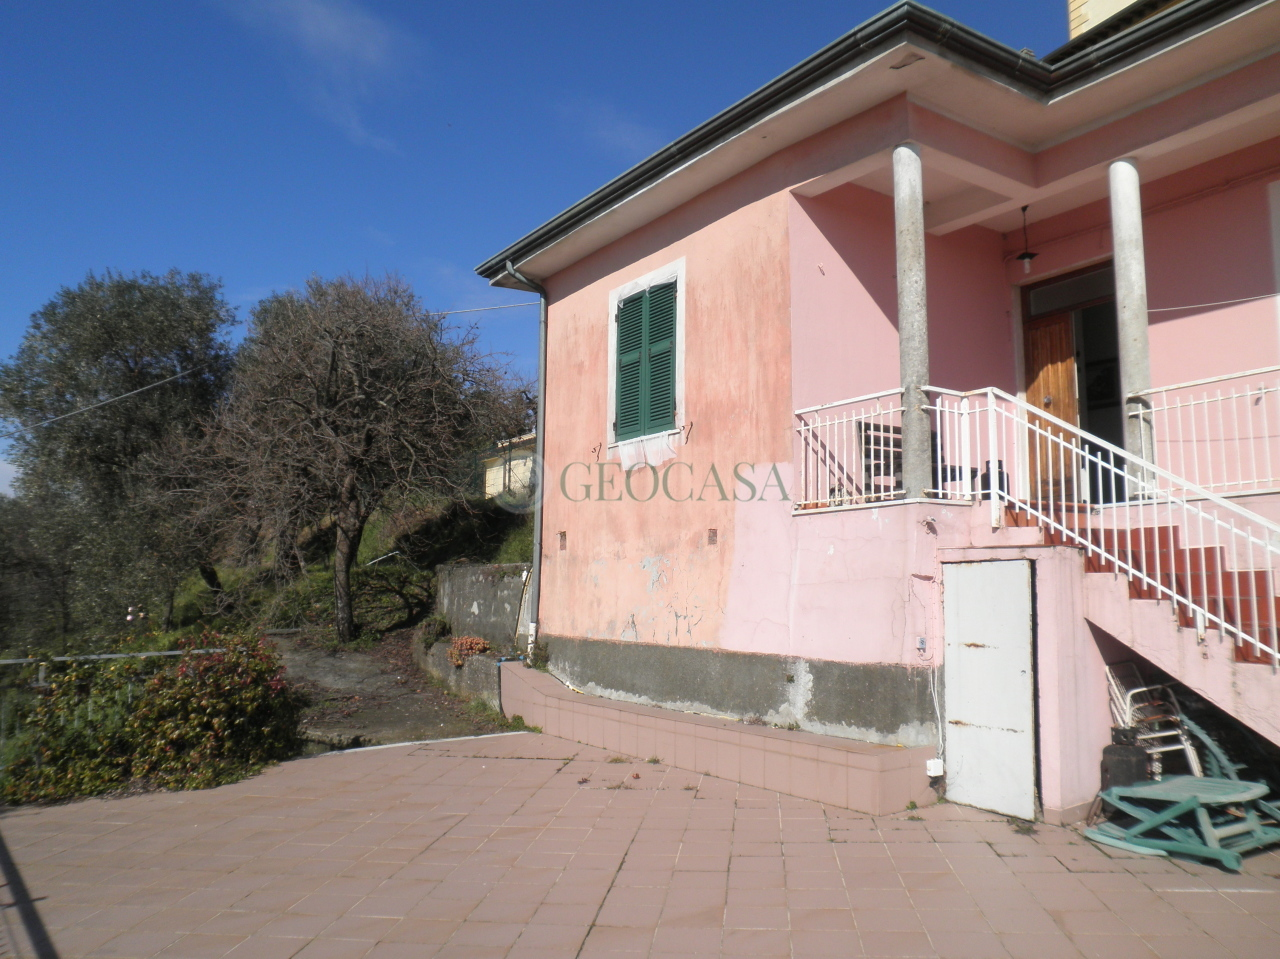 Soluzione Indipendente in vendita a Vezzano Ligure, 3 locali, prezzo € 110.000 | Cambio Casa.it